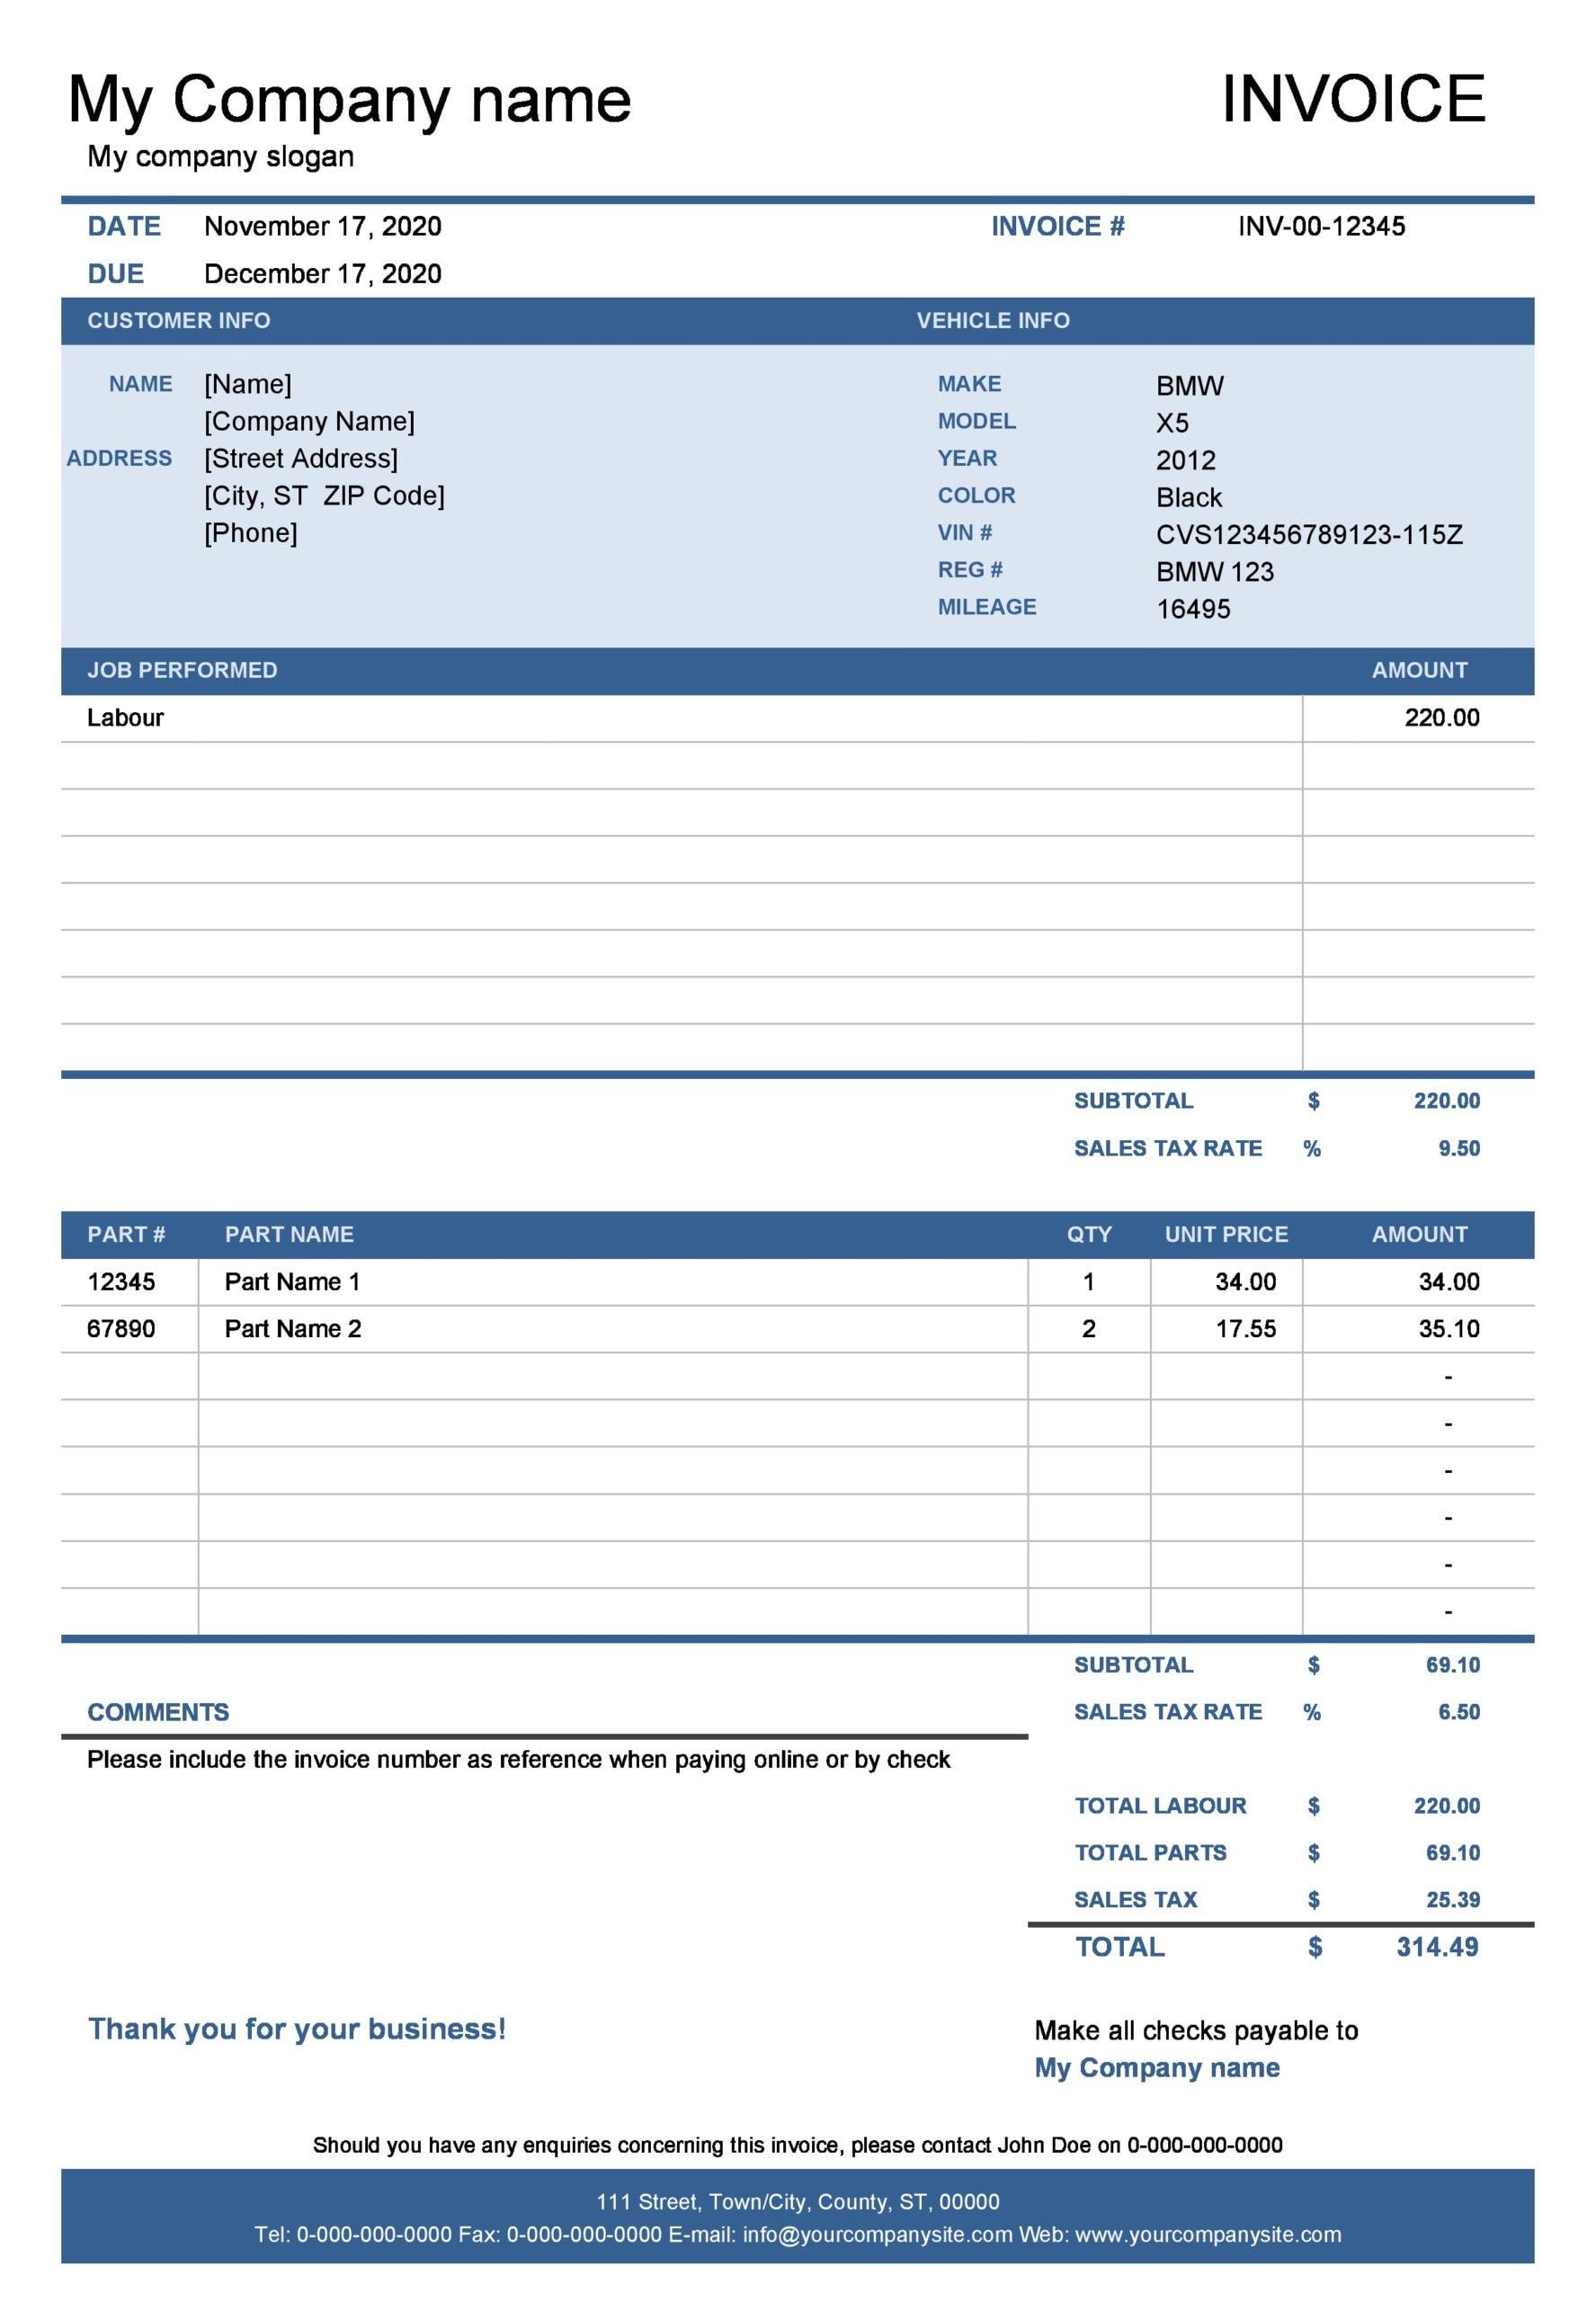 auto repair invoice 19